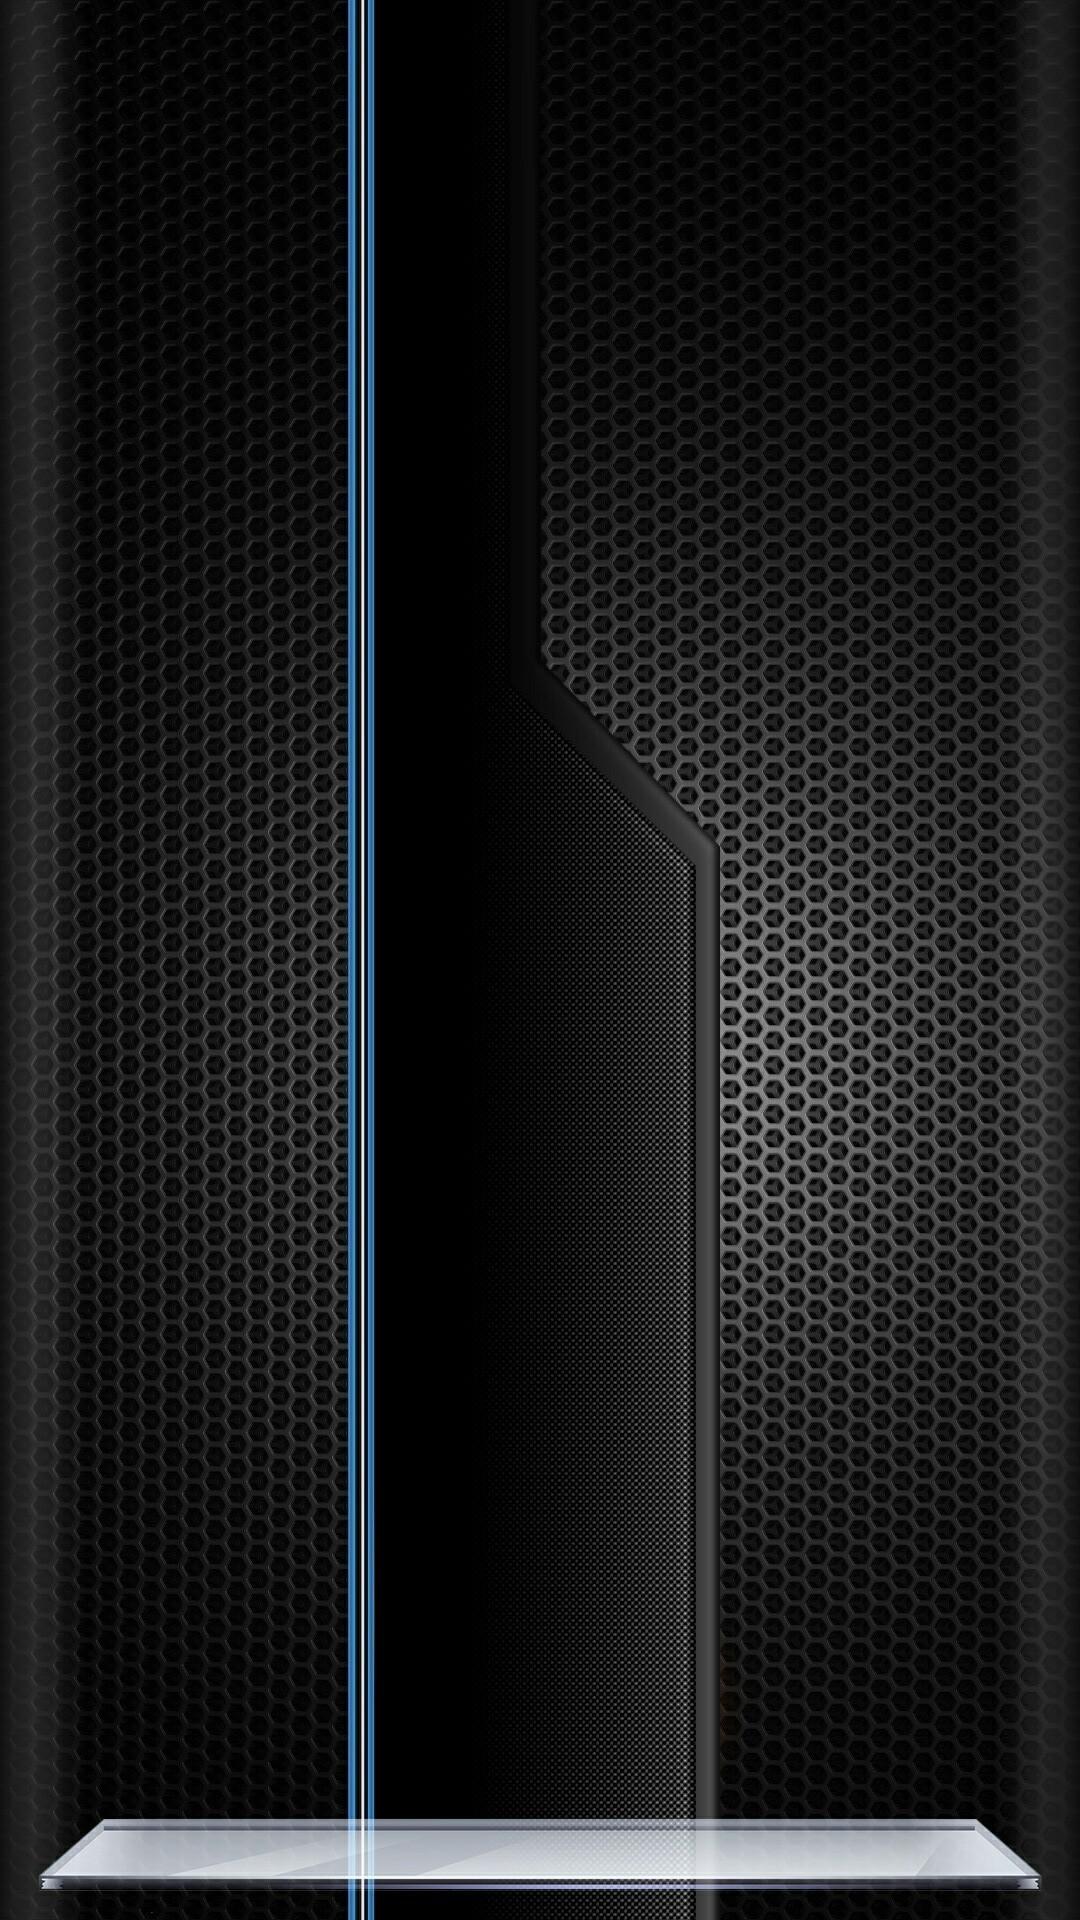 Black Texture Wallpaper